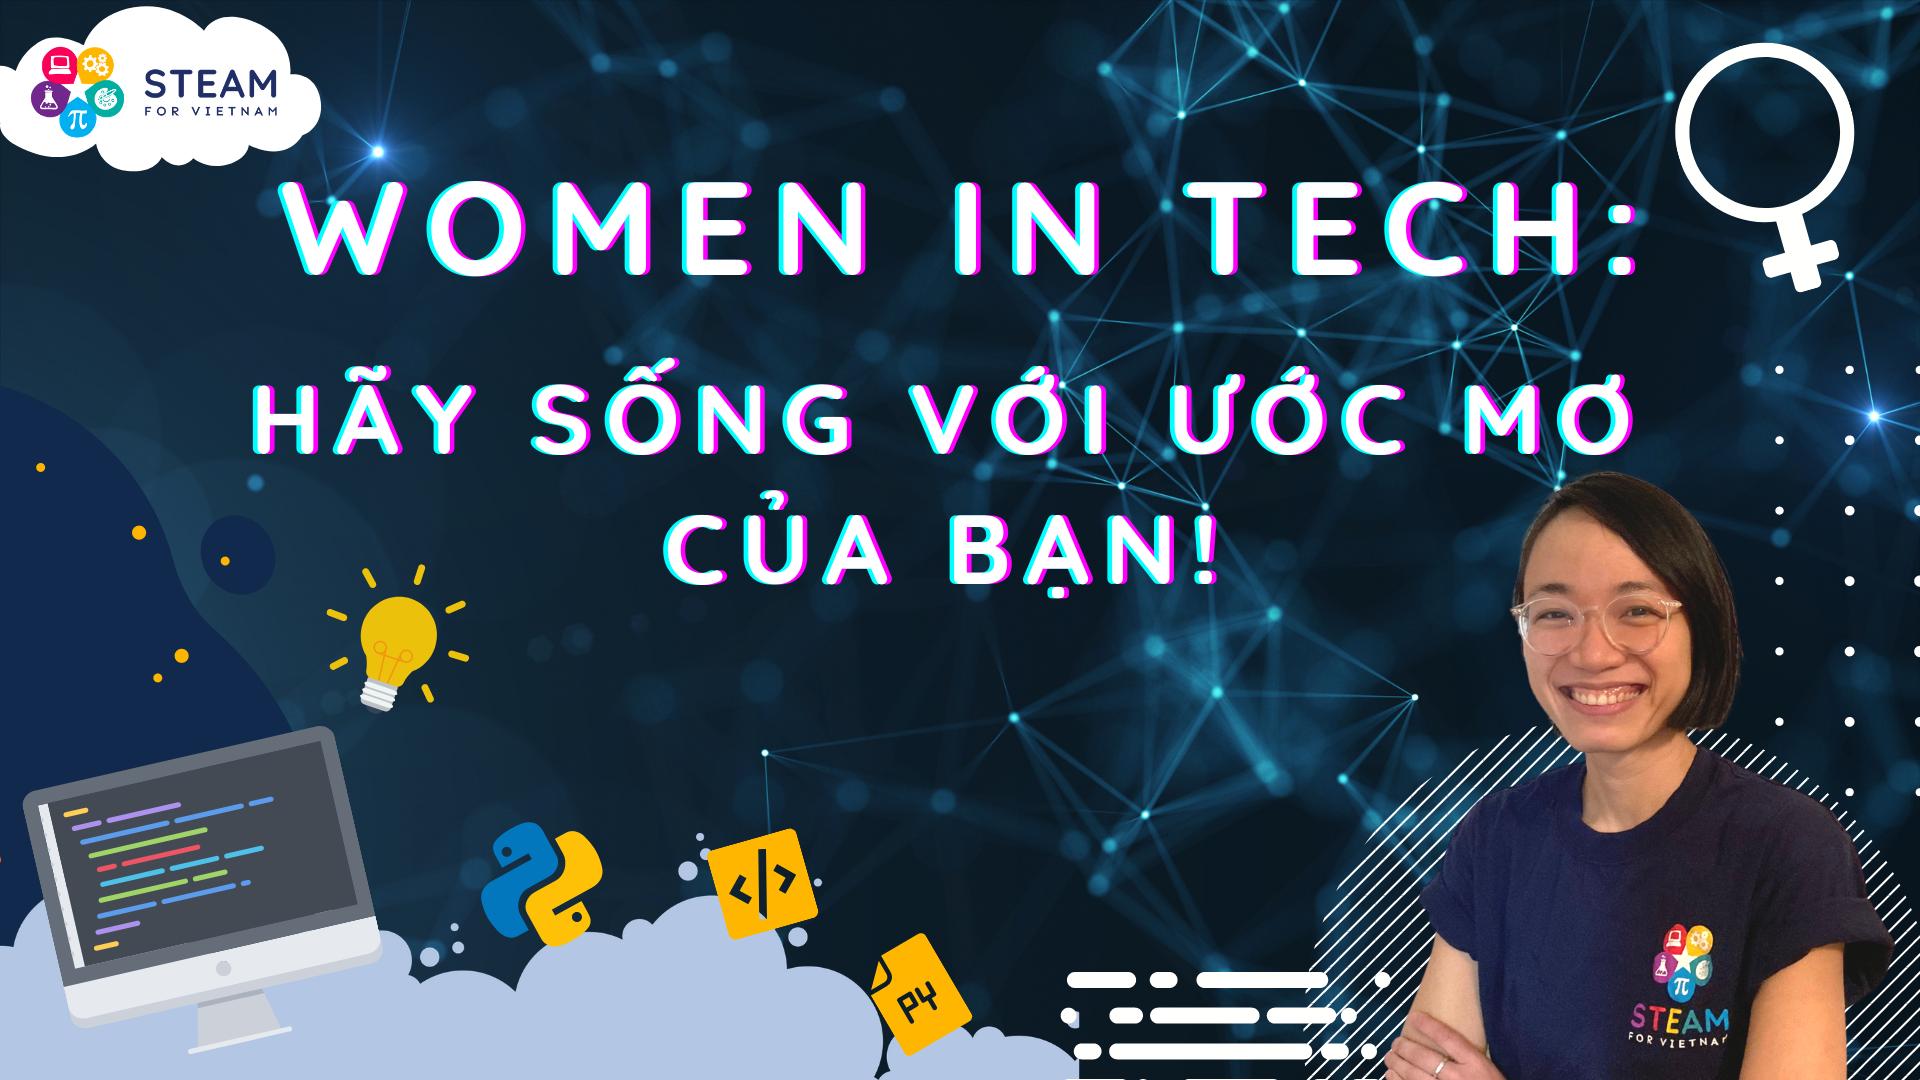 Women in Tech: Hãy sống với ước mơ của bạn!